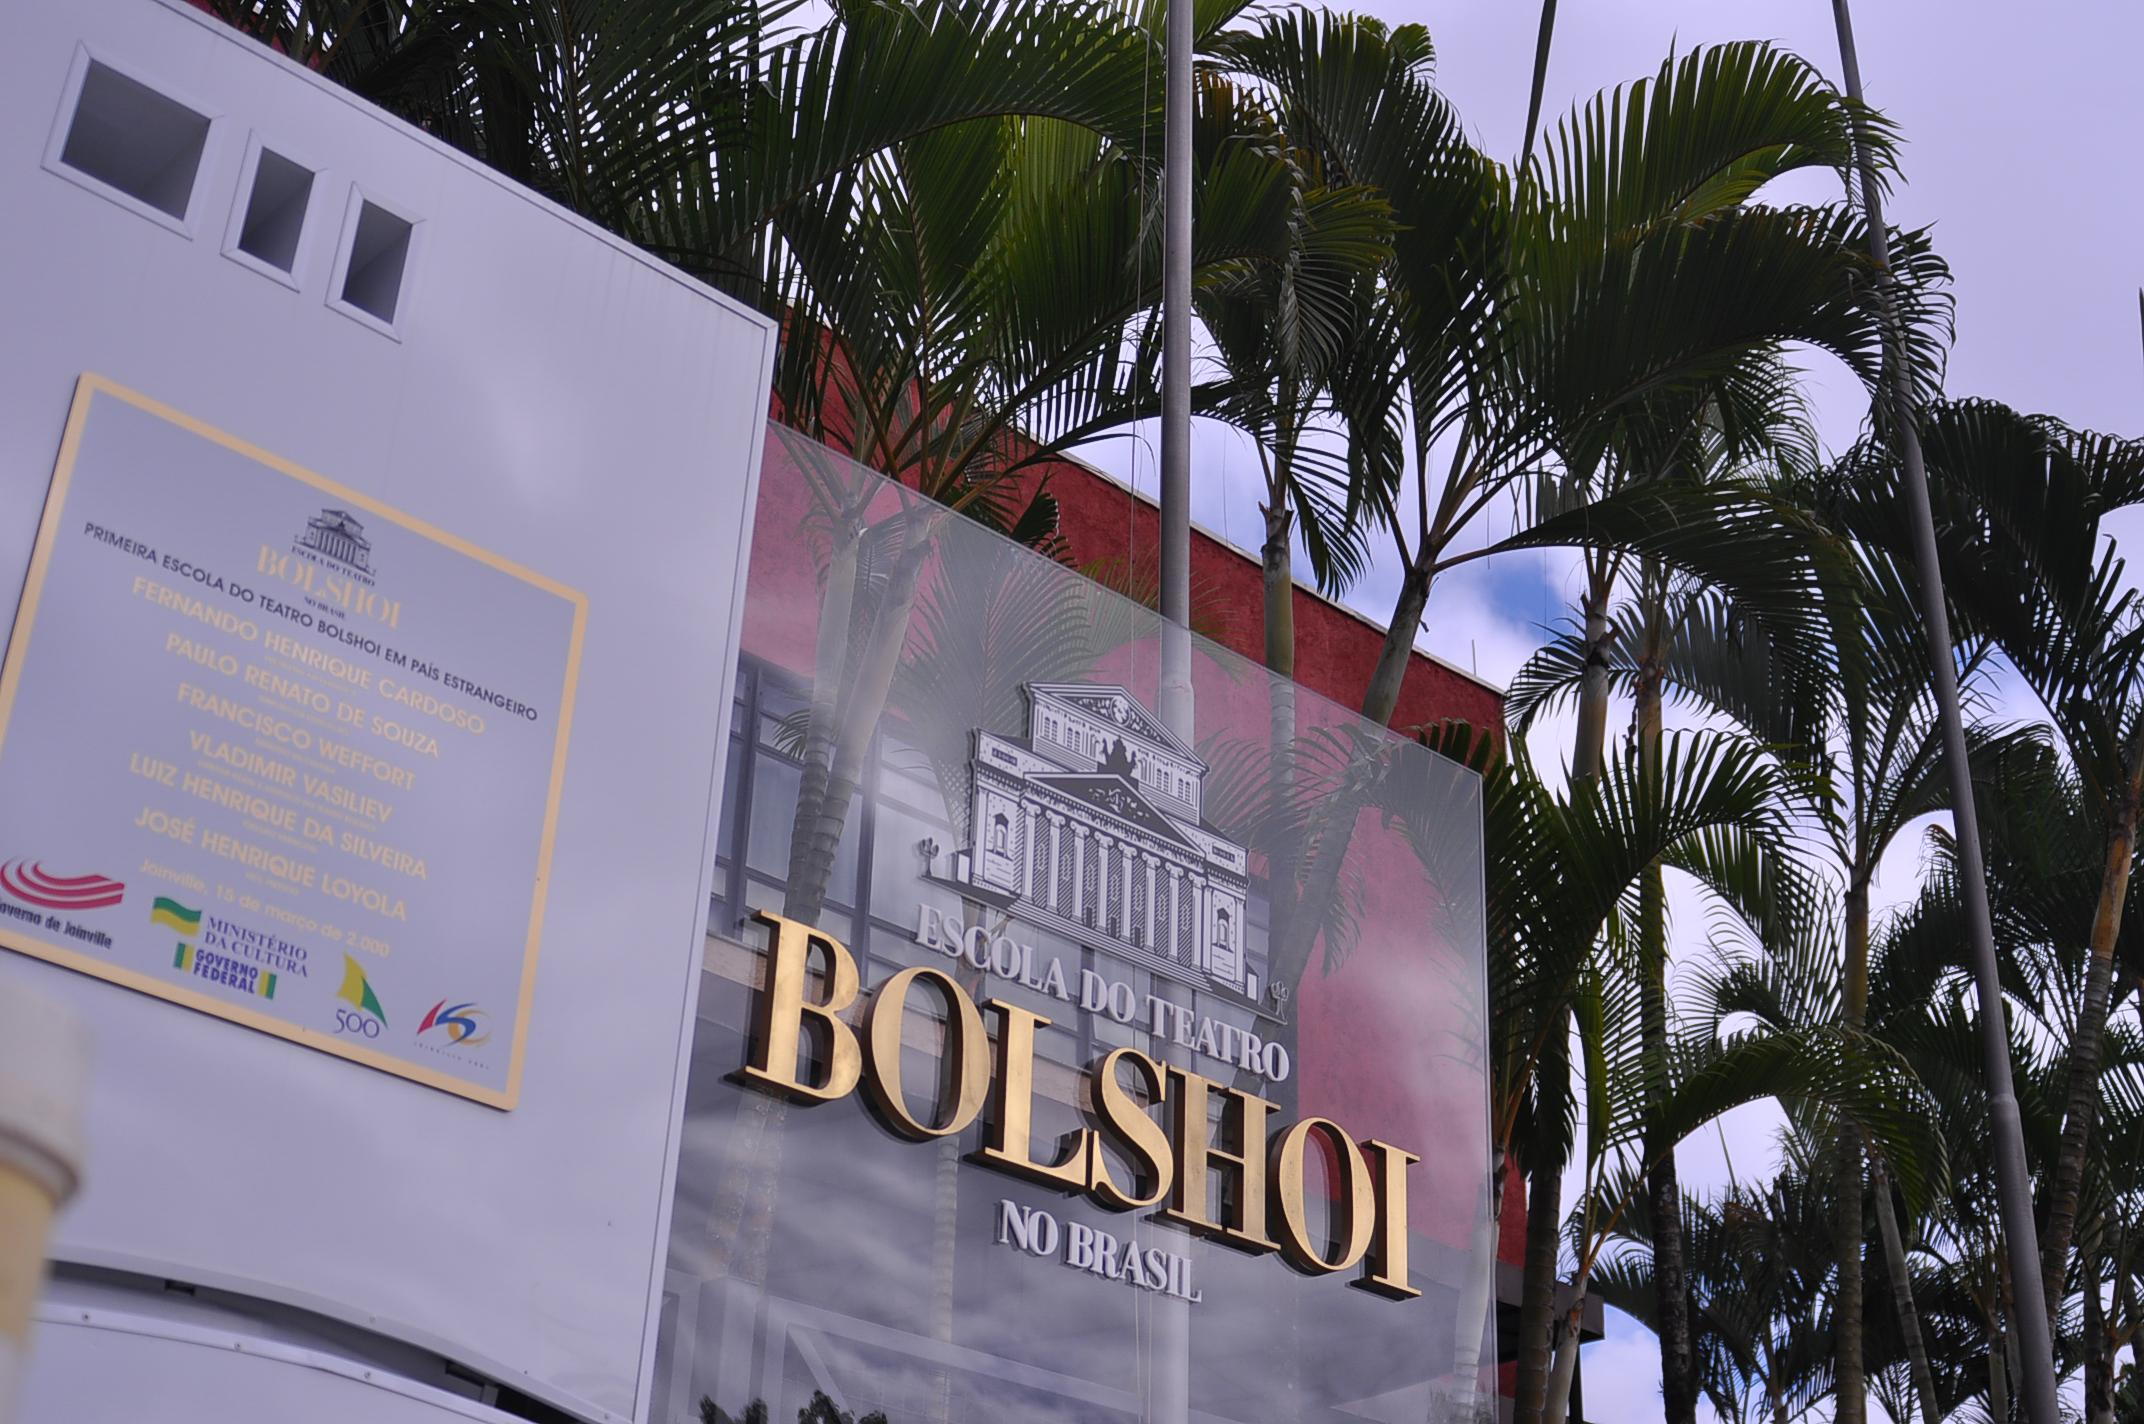 Bolshoi Brasil realiza ações no Rio de Janeiro